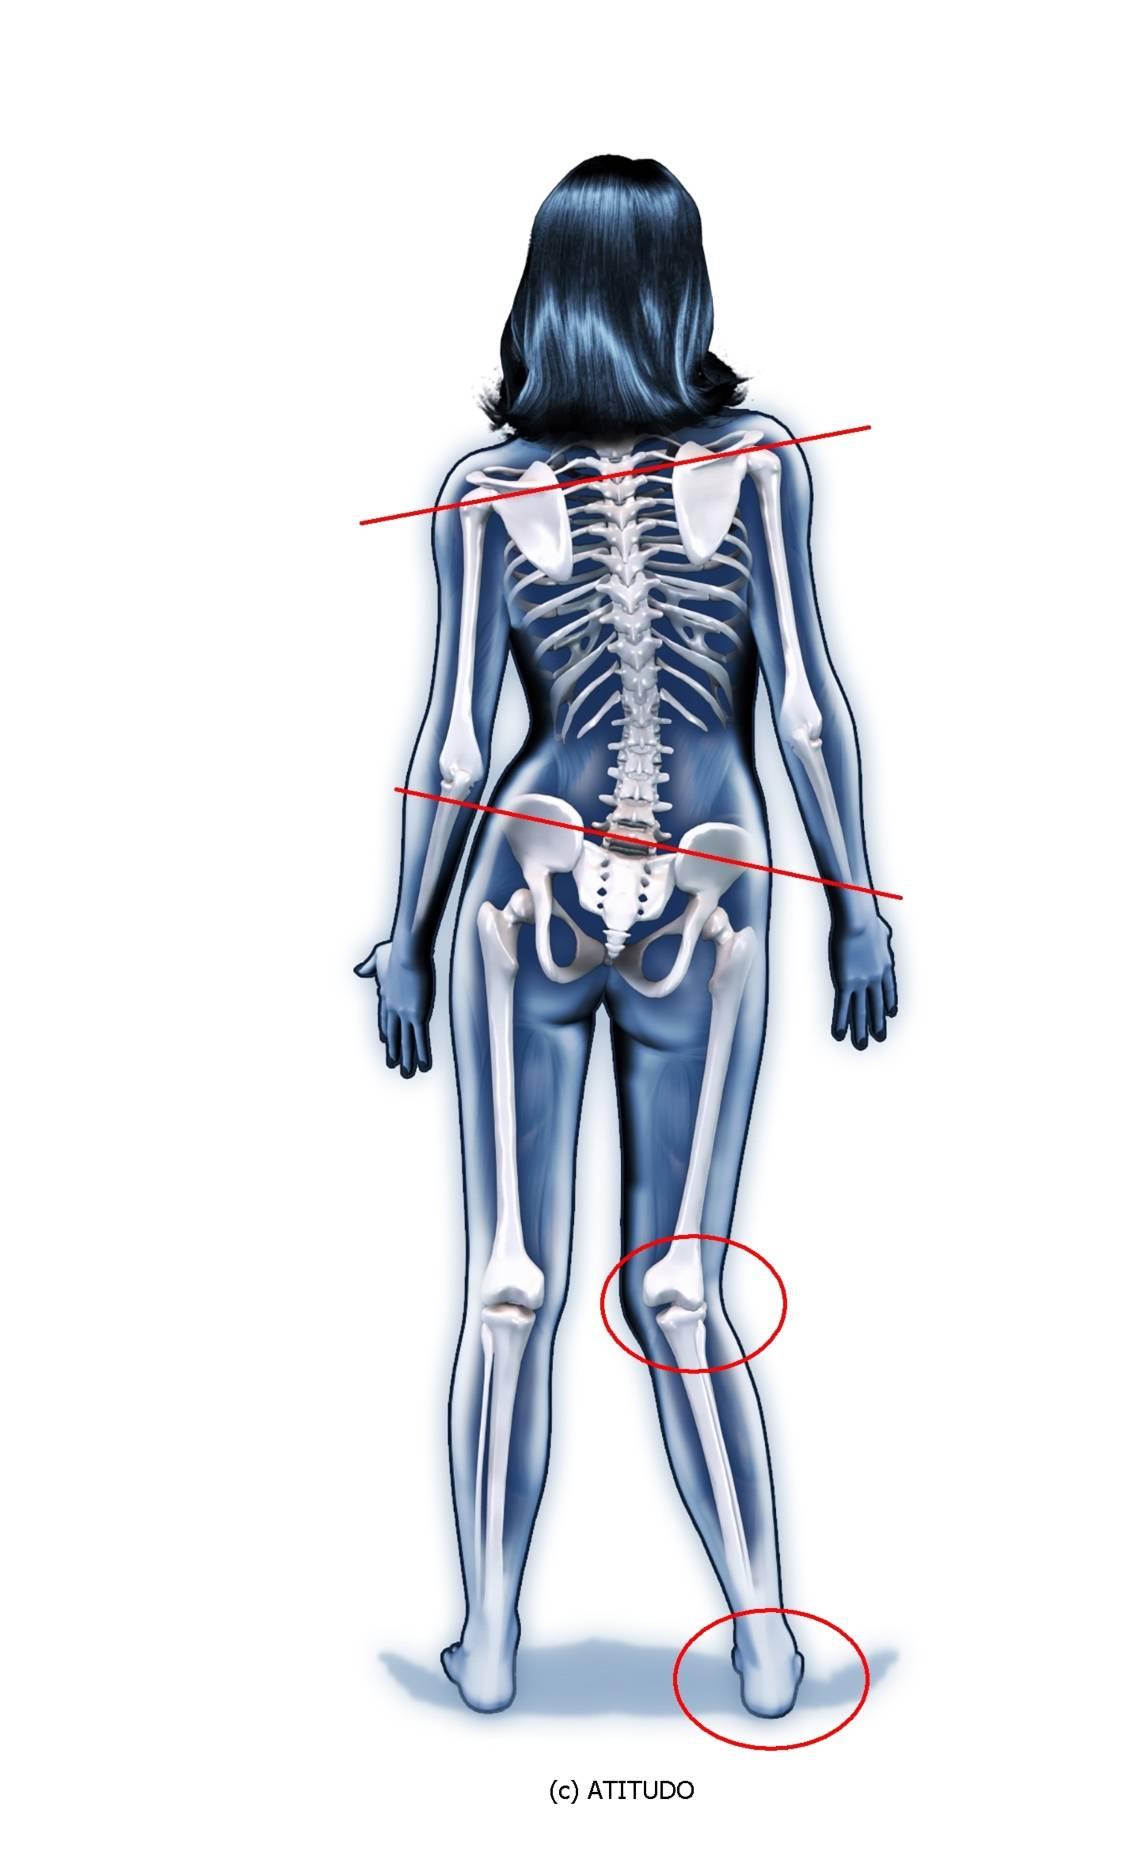 Atemberaubend Fuß Skelett System Galerie - Menschliche Anatomie ...